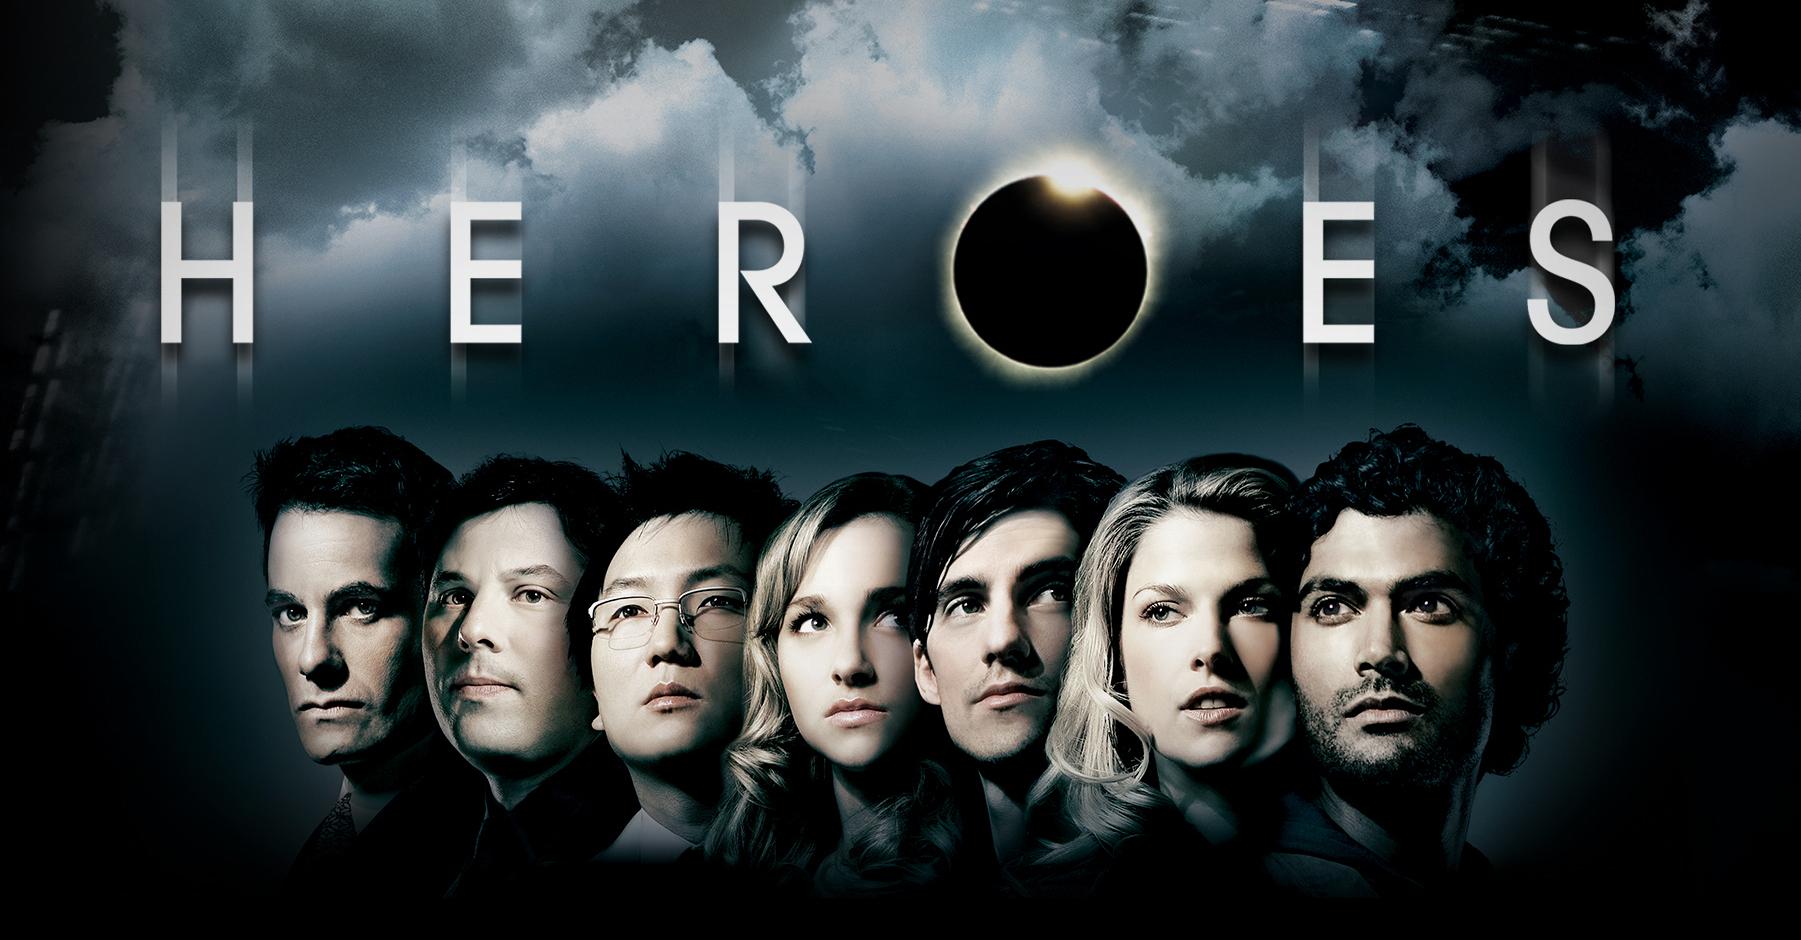 Hollywood Senarist Grevi ve Heroes'un Yok Oluşu